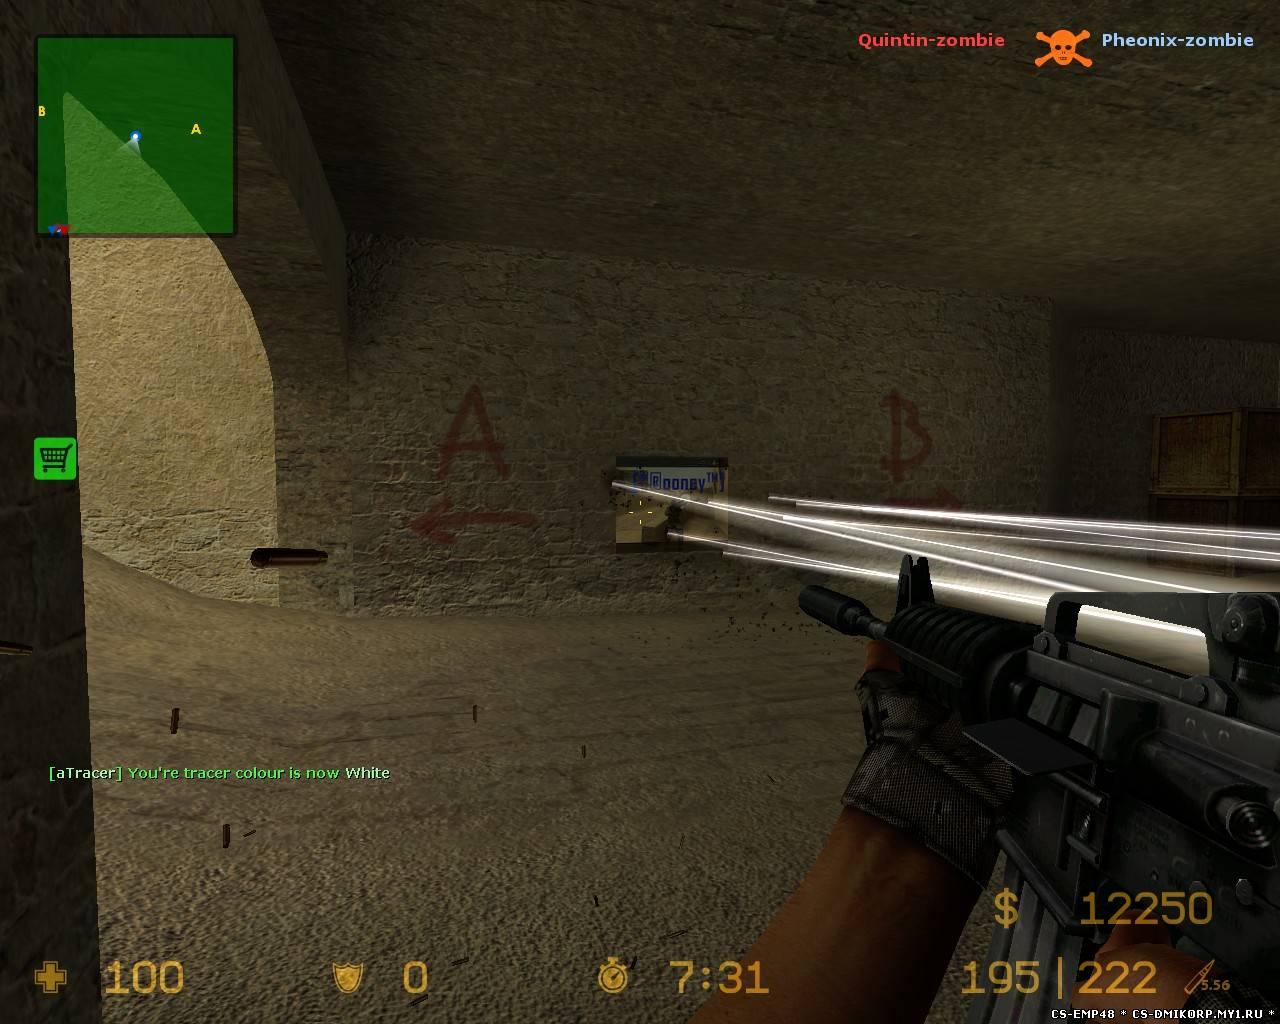 Спрайт выстрела для cs 16 выполненный с голубоватым оттенком, который очень красиво смотрится в cs 16